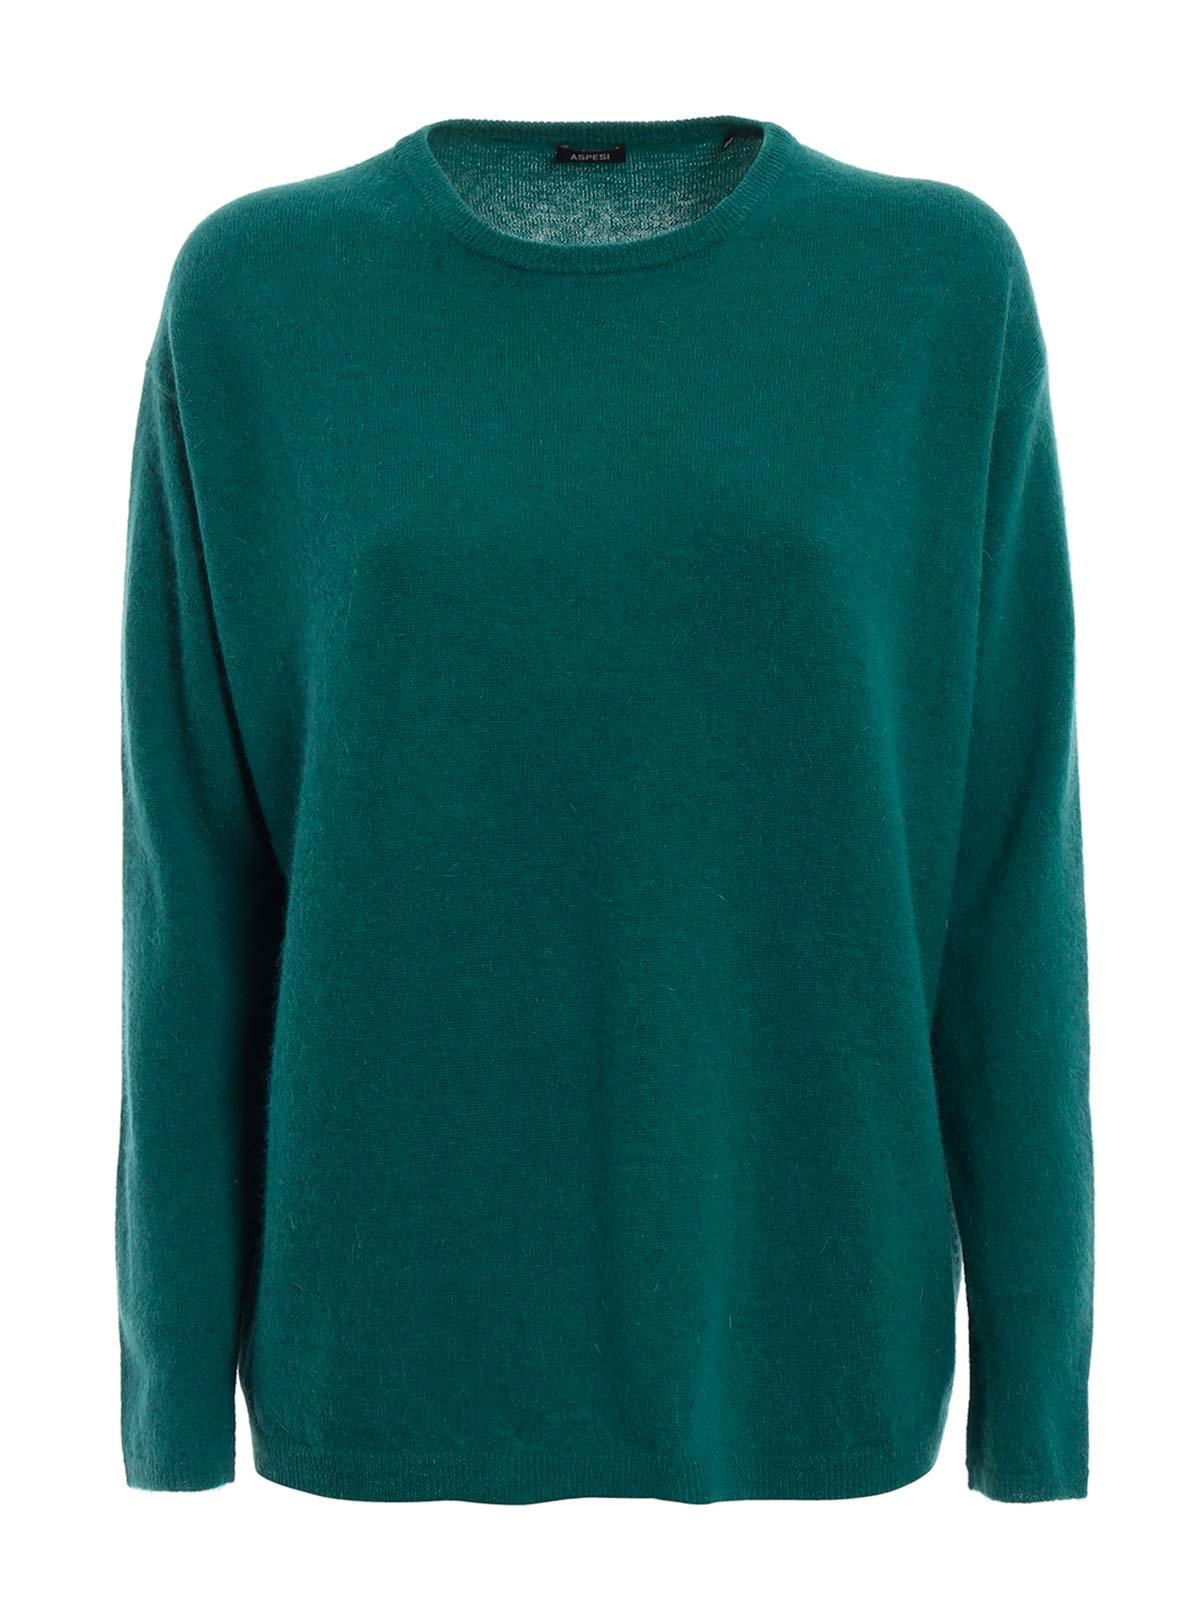 Immagine di ASPESI | Pullover Donna in Lana e Angora